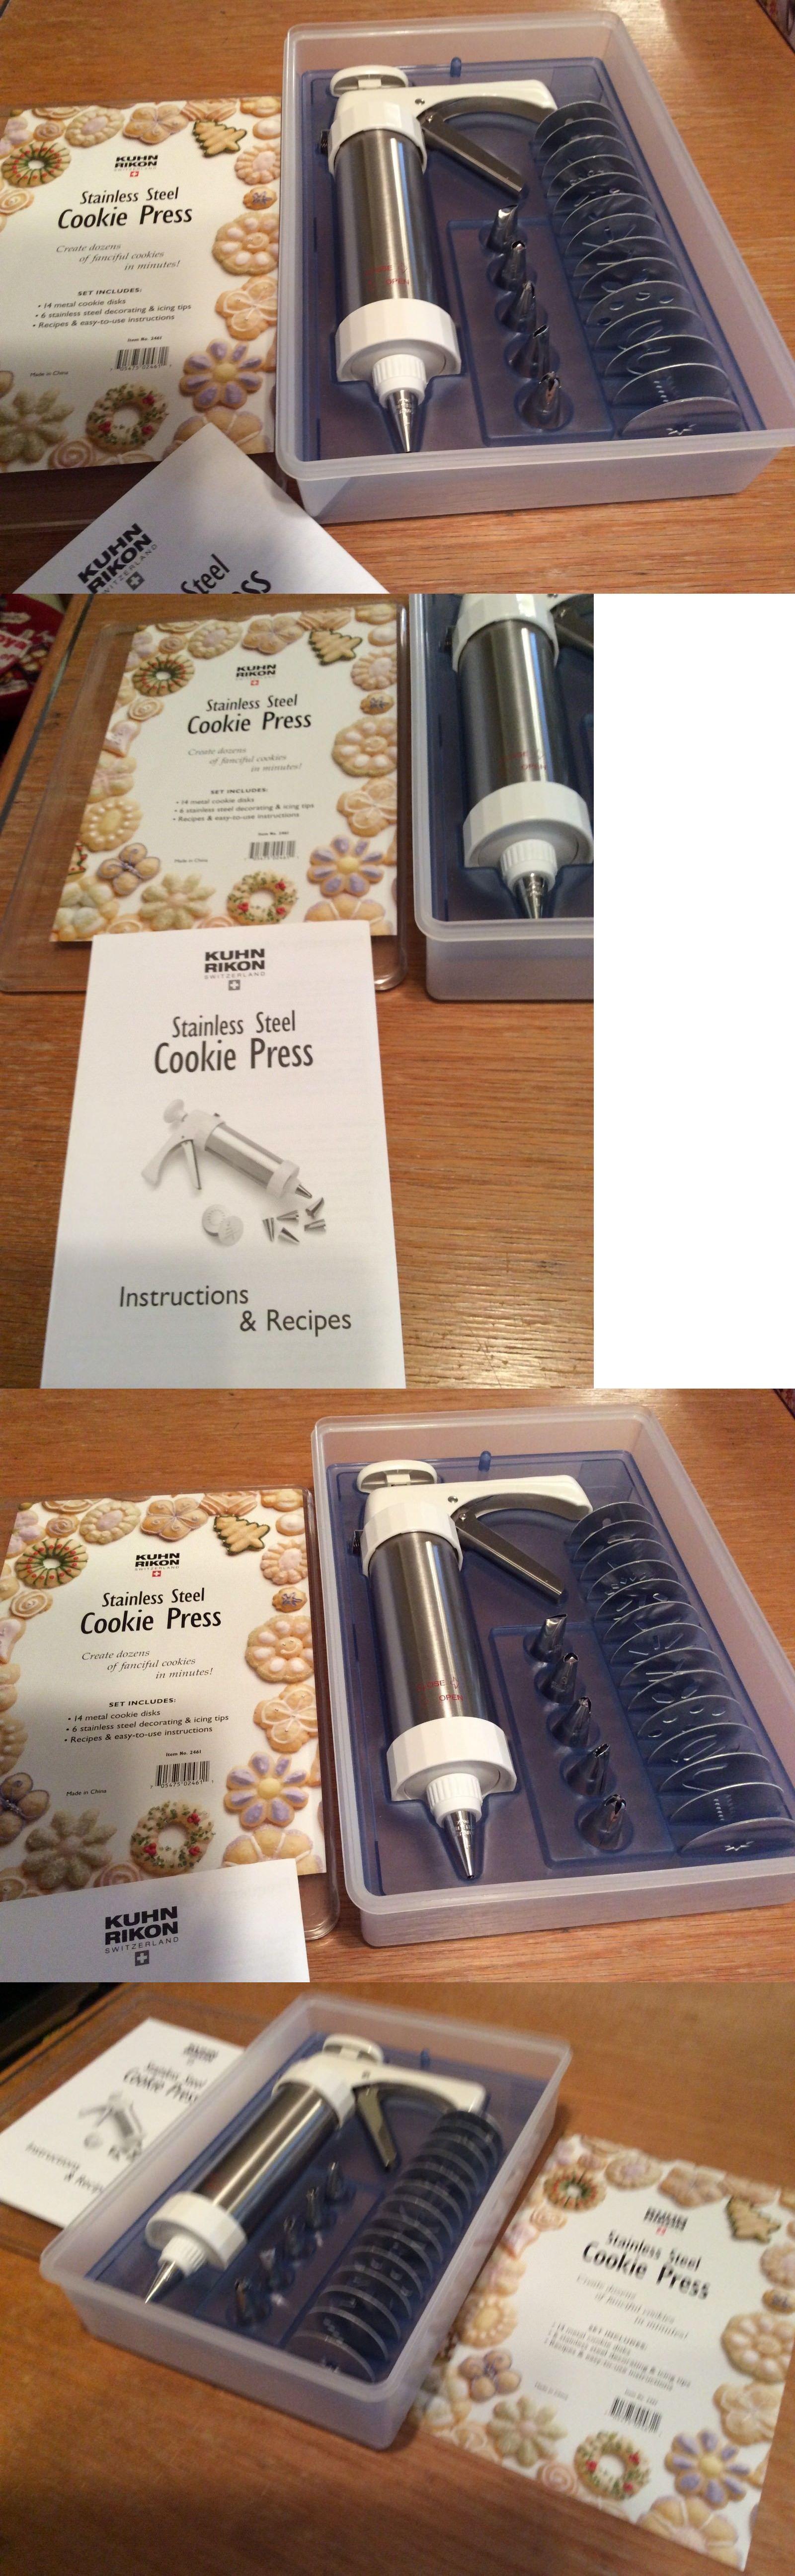 Cookie presses 178059 kuhn rikon stainless steel cookie